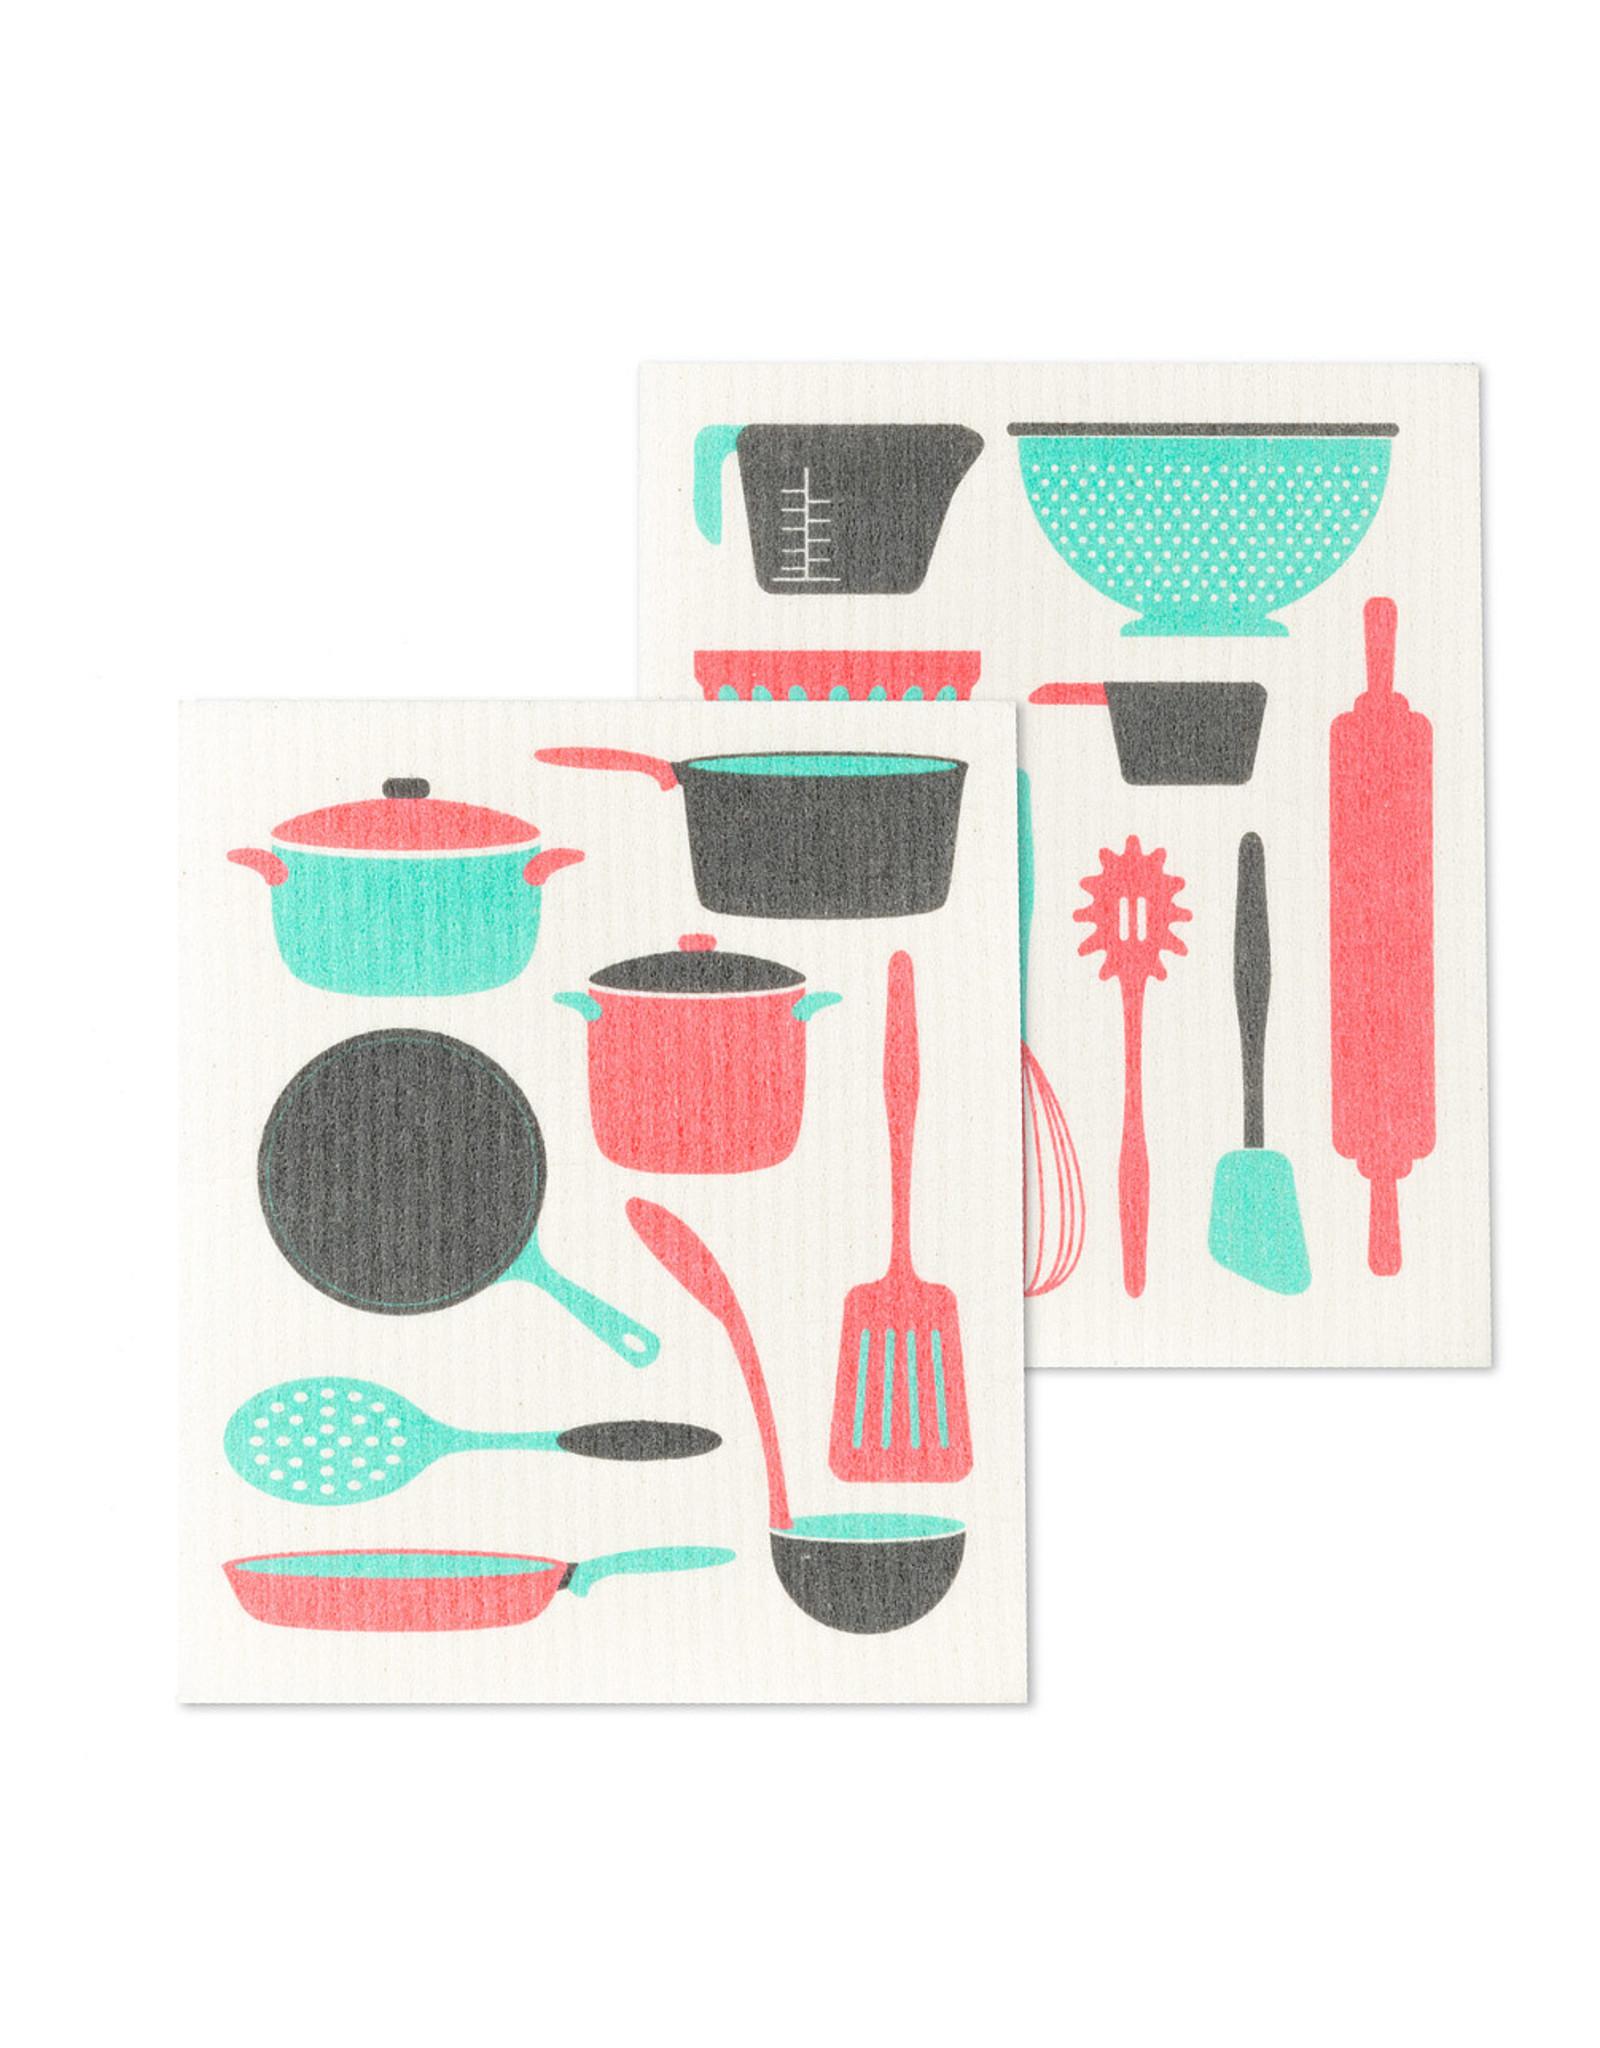 Utensils Swedish Dishcloths S/2